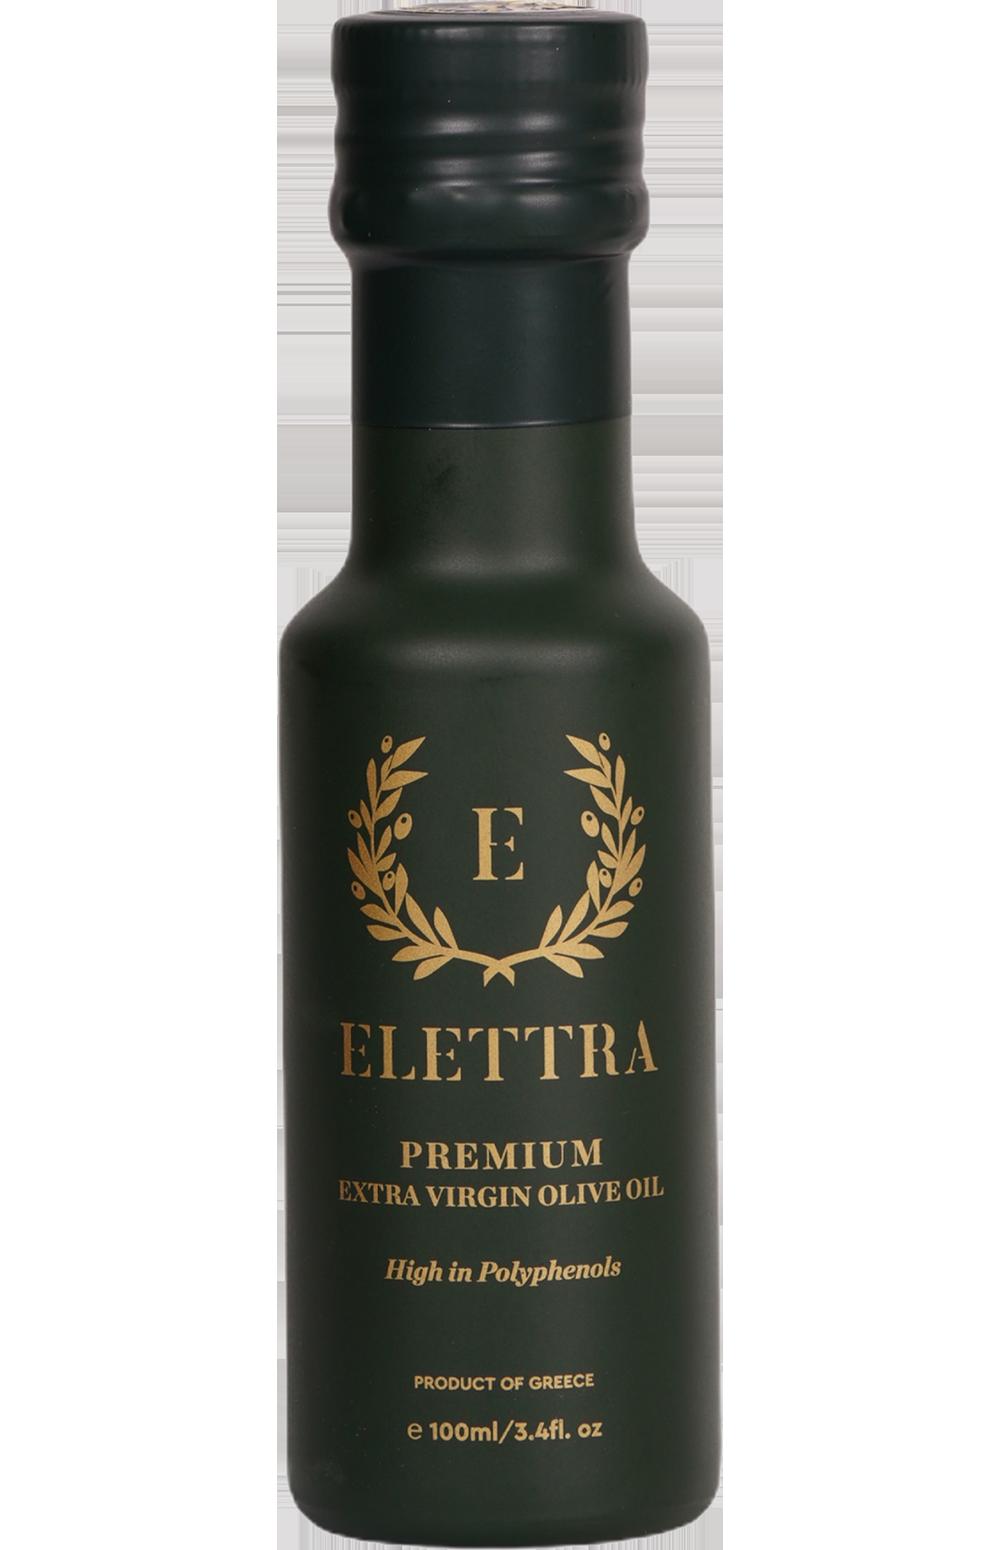 Elettra Premium